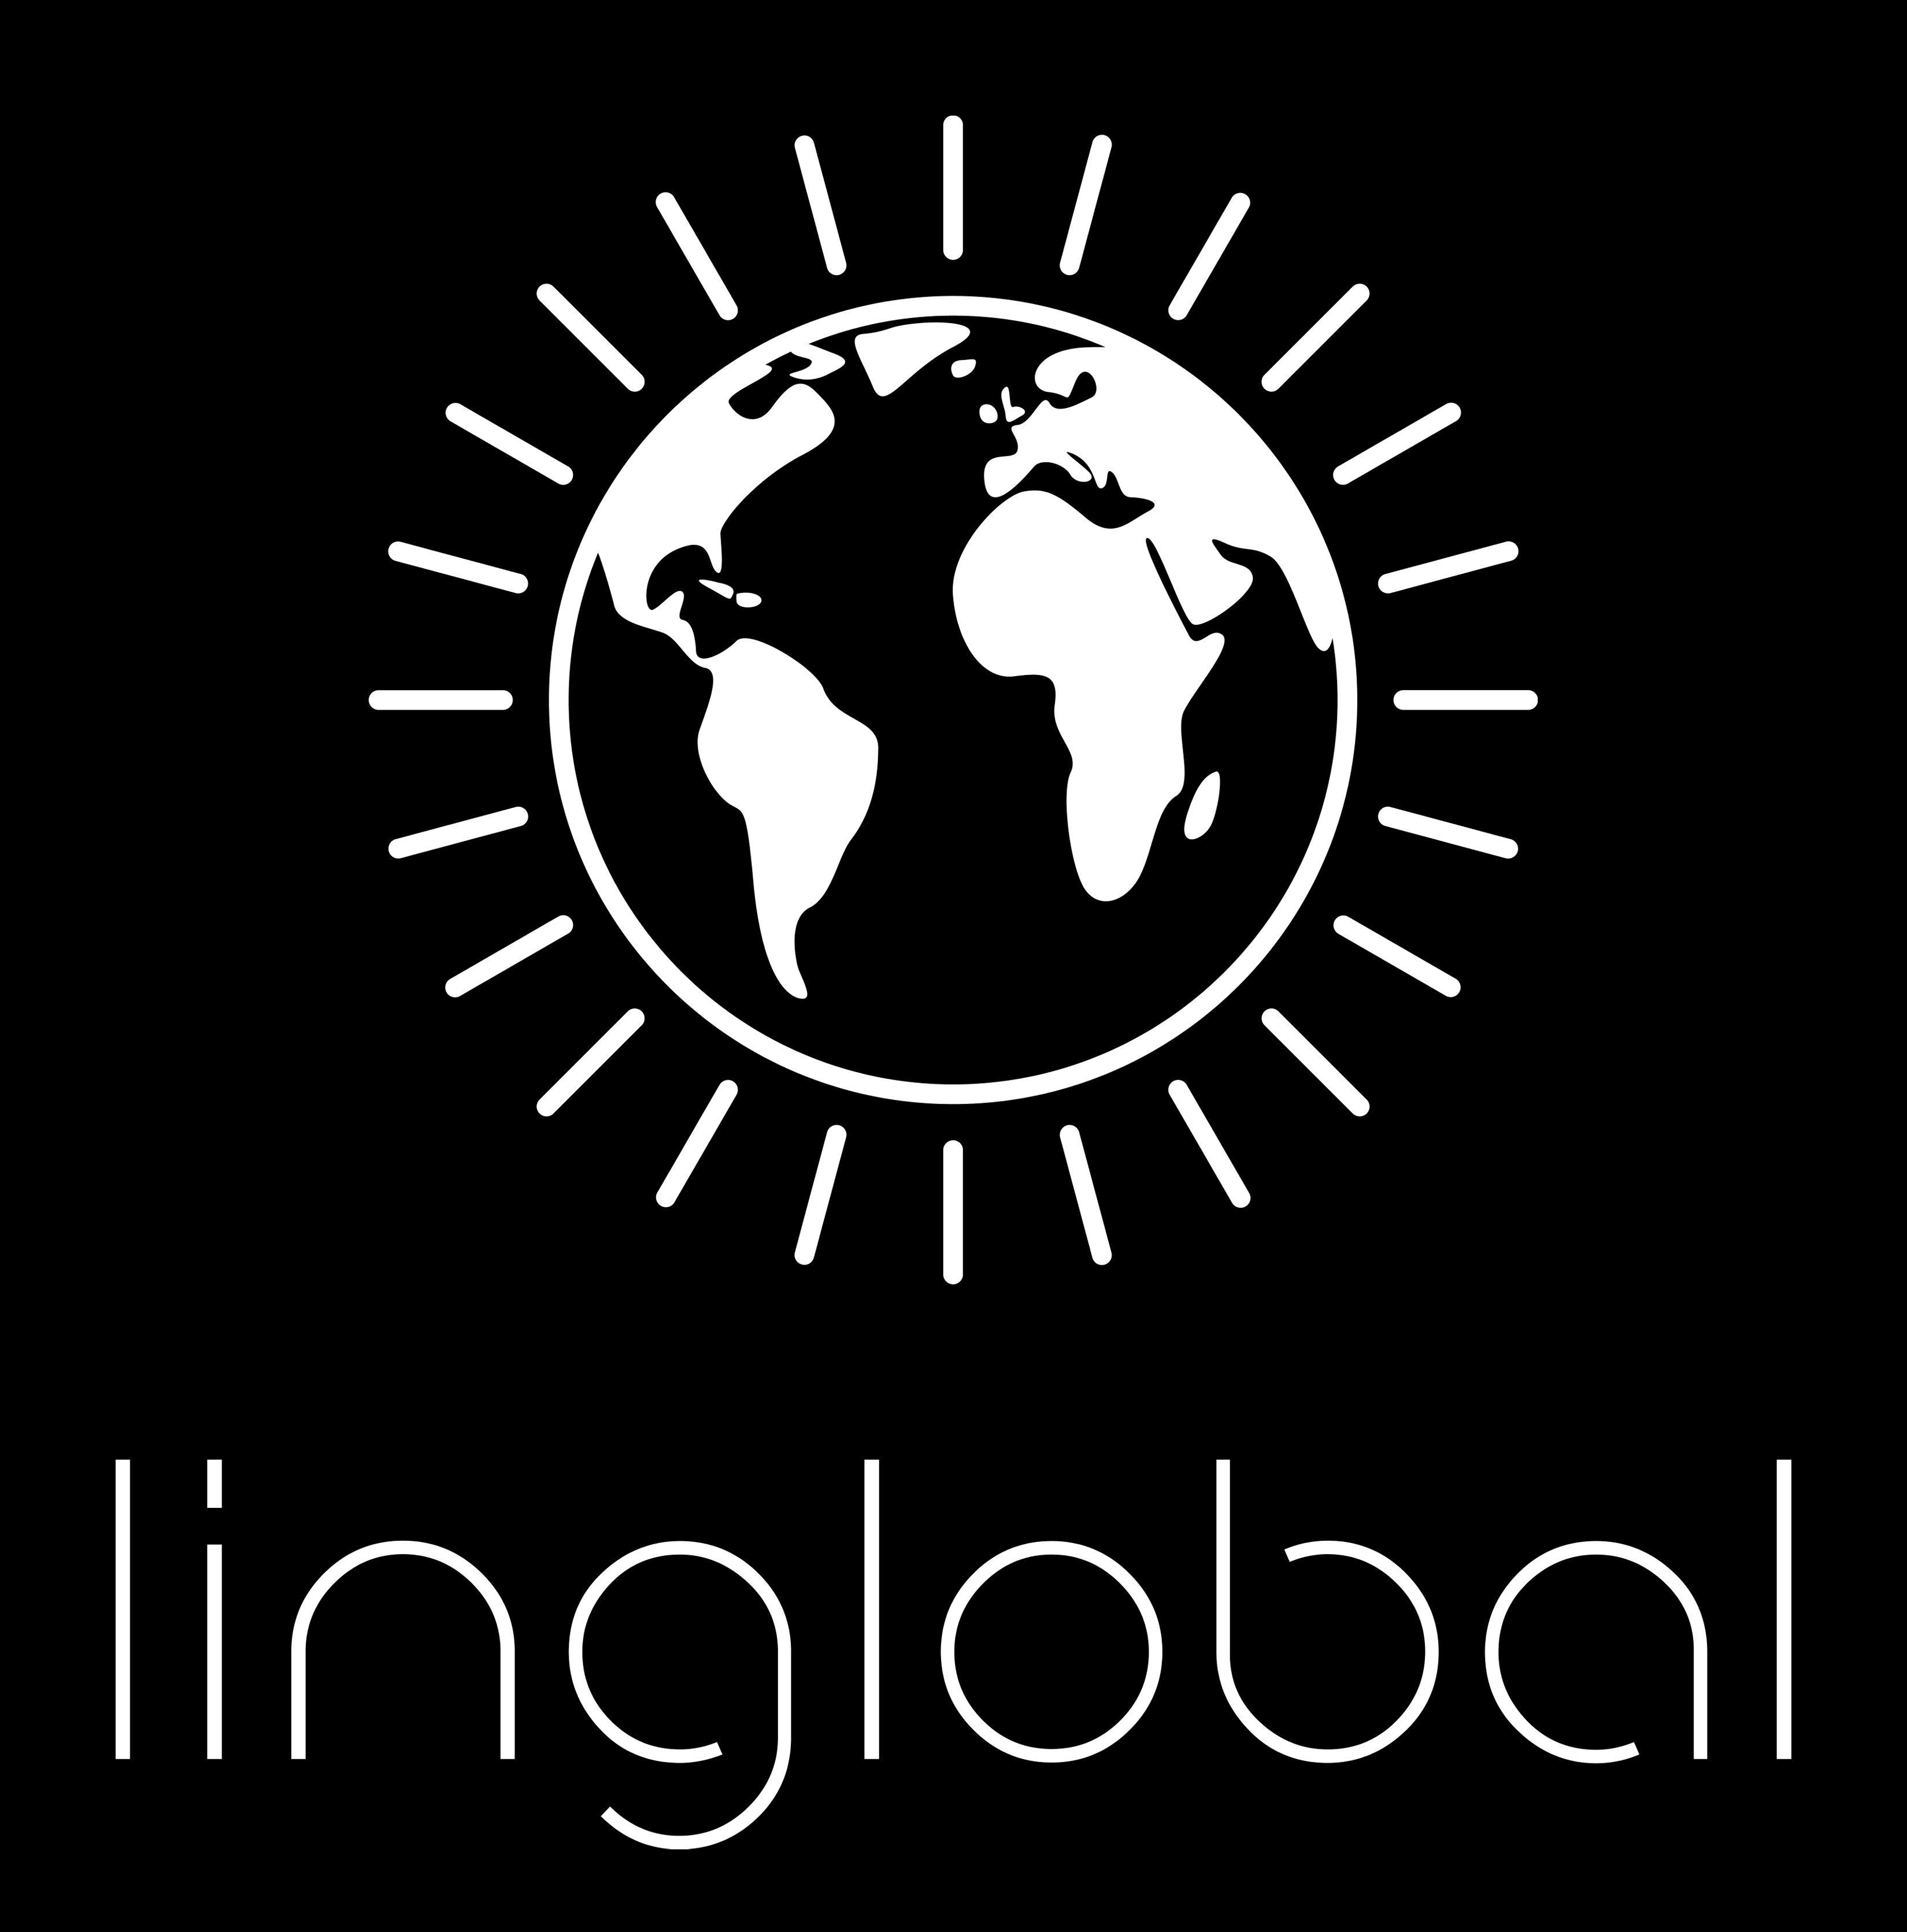 Linglobal